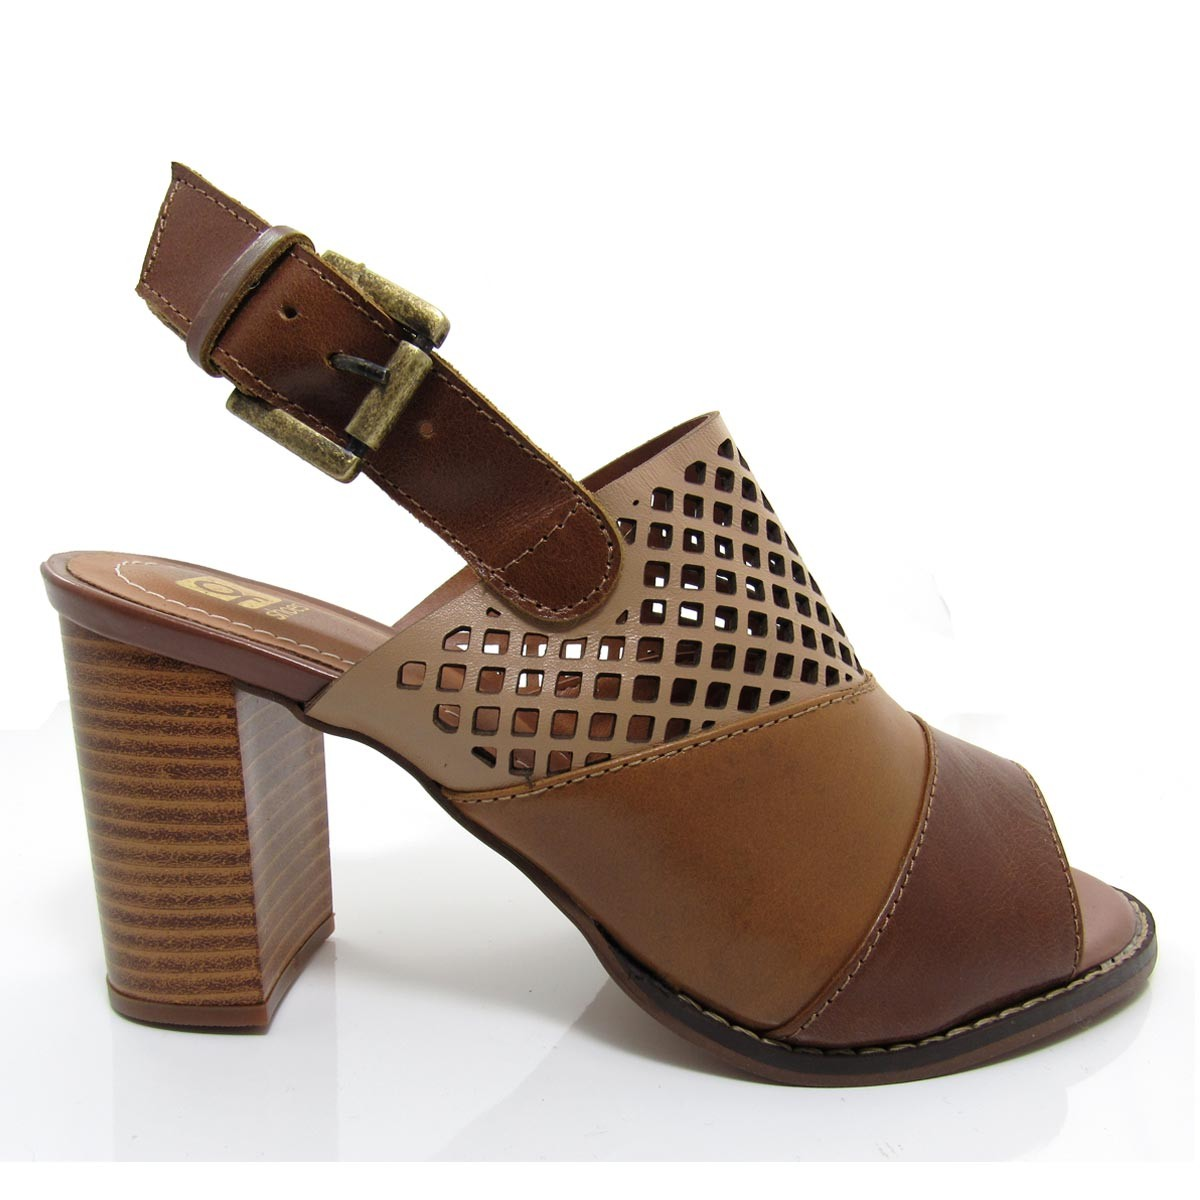 6a0b65f31e Sandália Feminina Of Shoes 6176 Salto Grosso Couro Coleção 2018